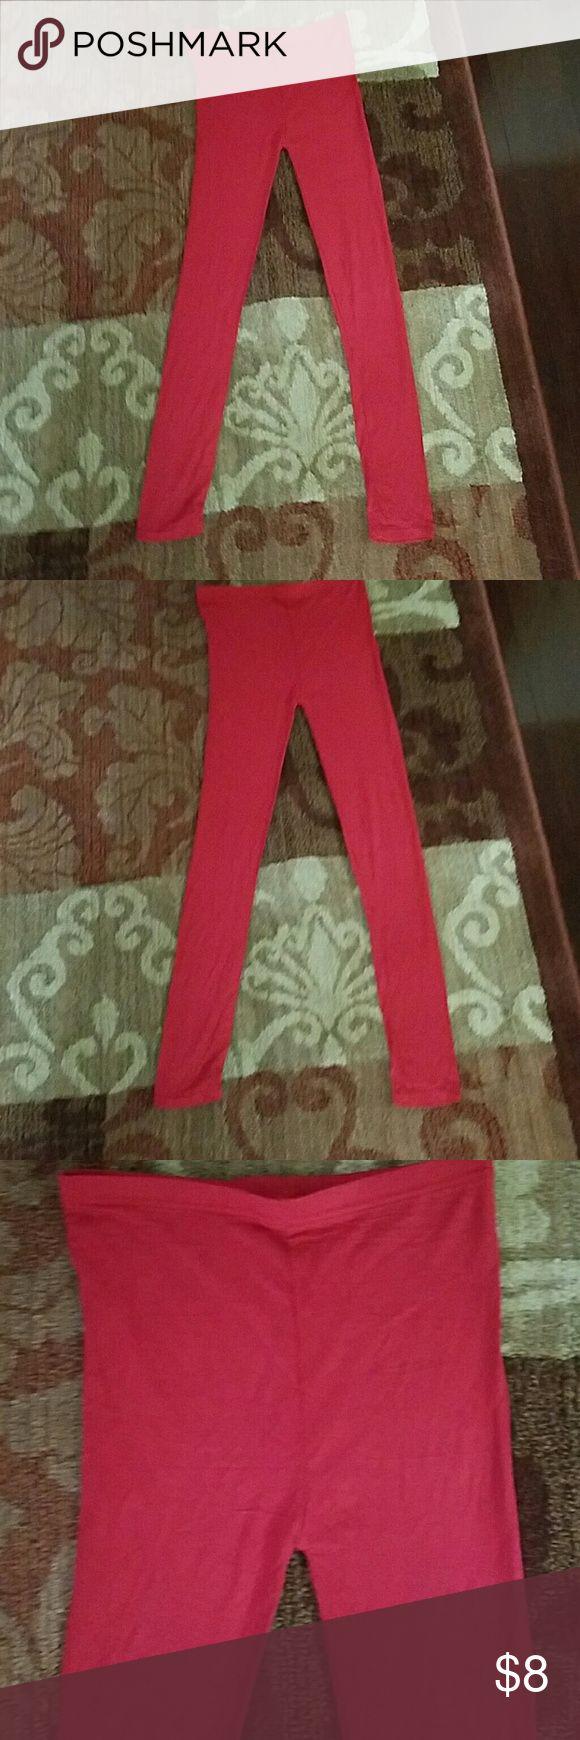 Nwot H&M leggings Nwot H&M leggings size xs H&M Pants